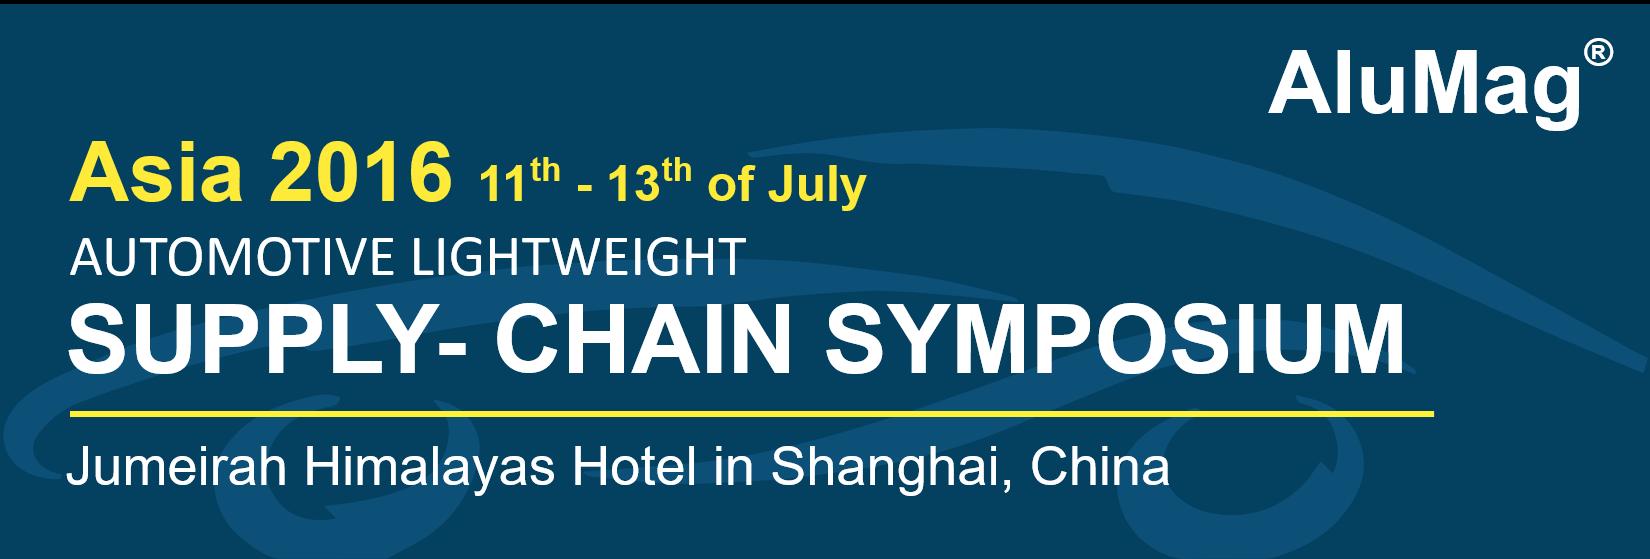 AluMag_Symposium_Logo_Asia 2016